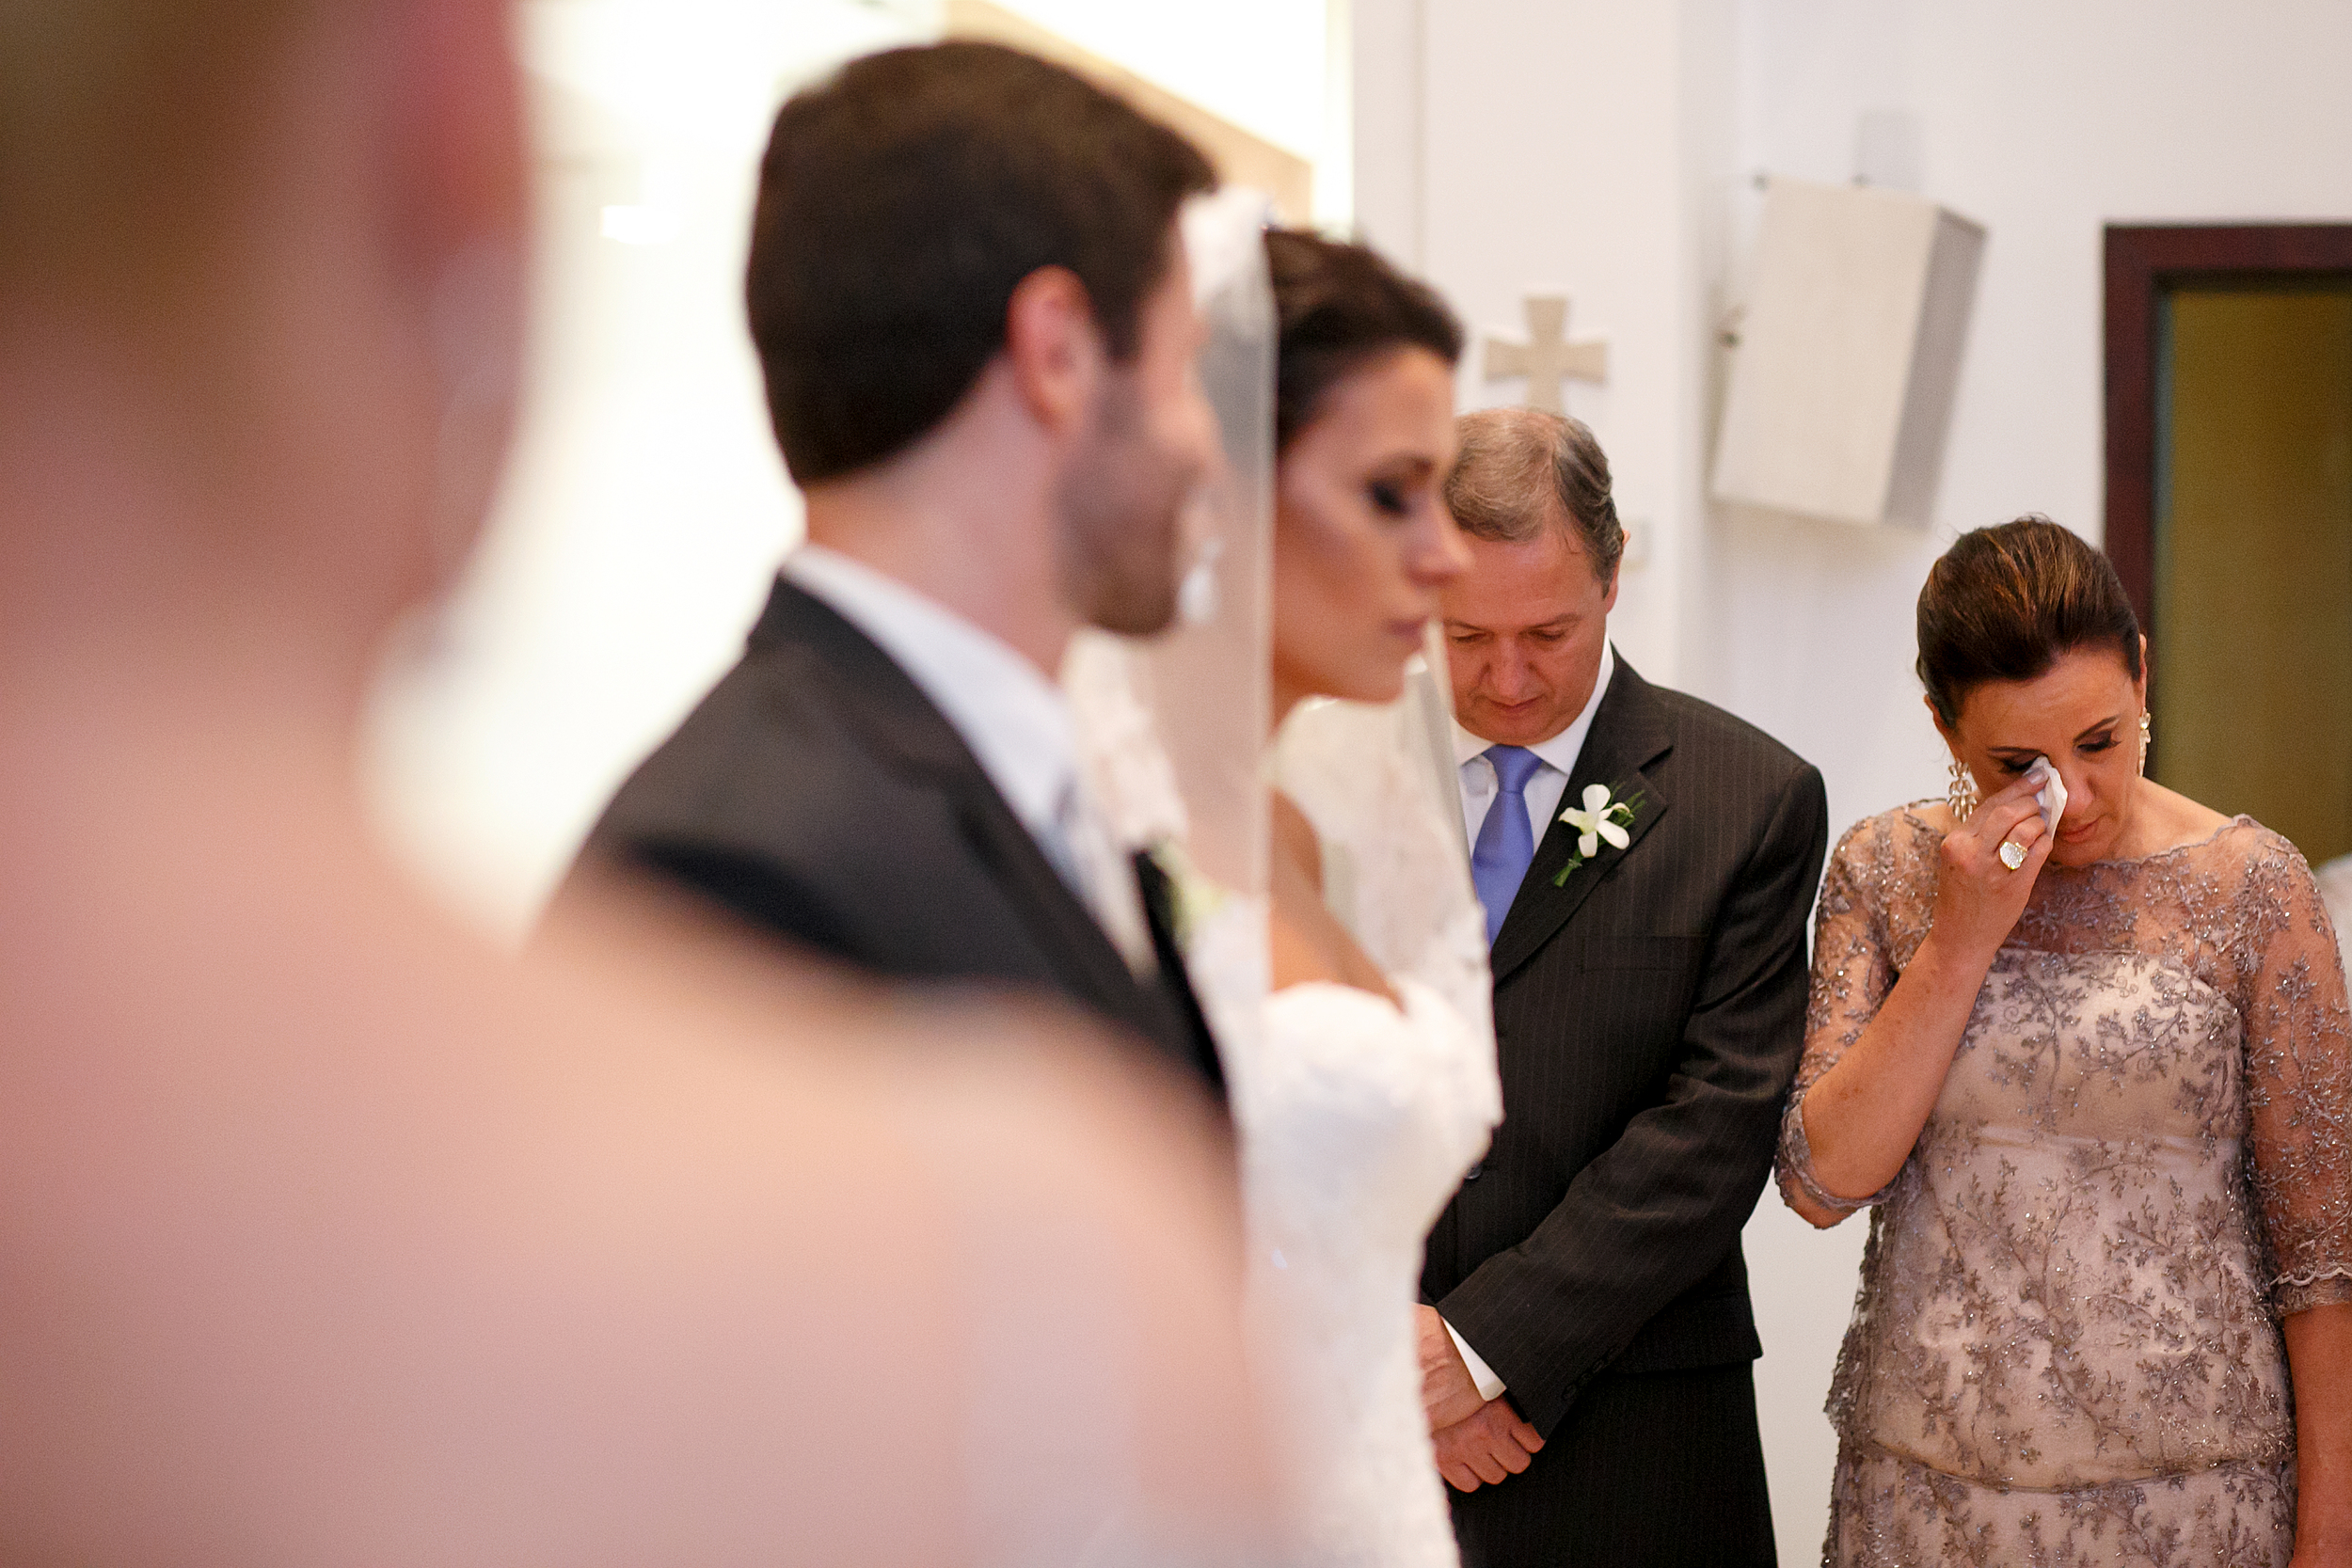 casamento curitiba _52.JPG